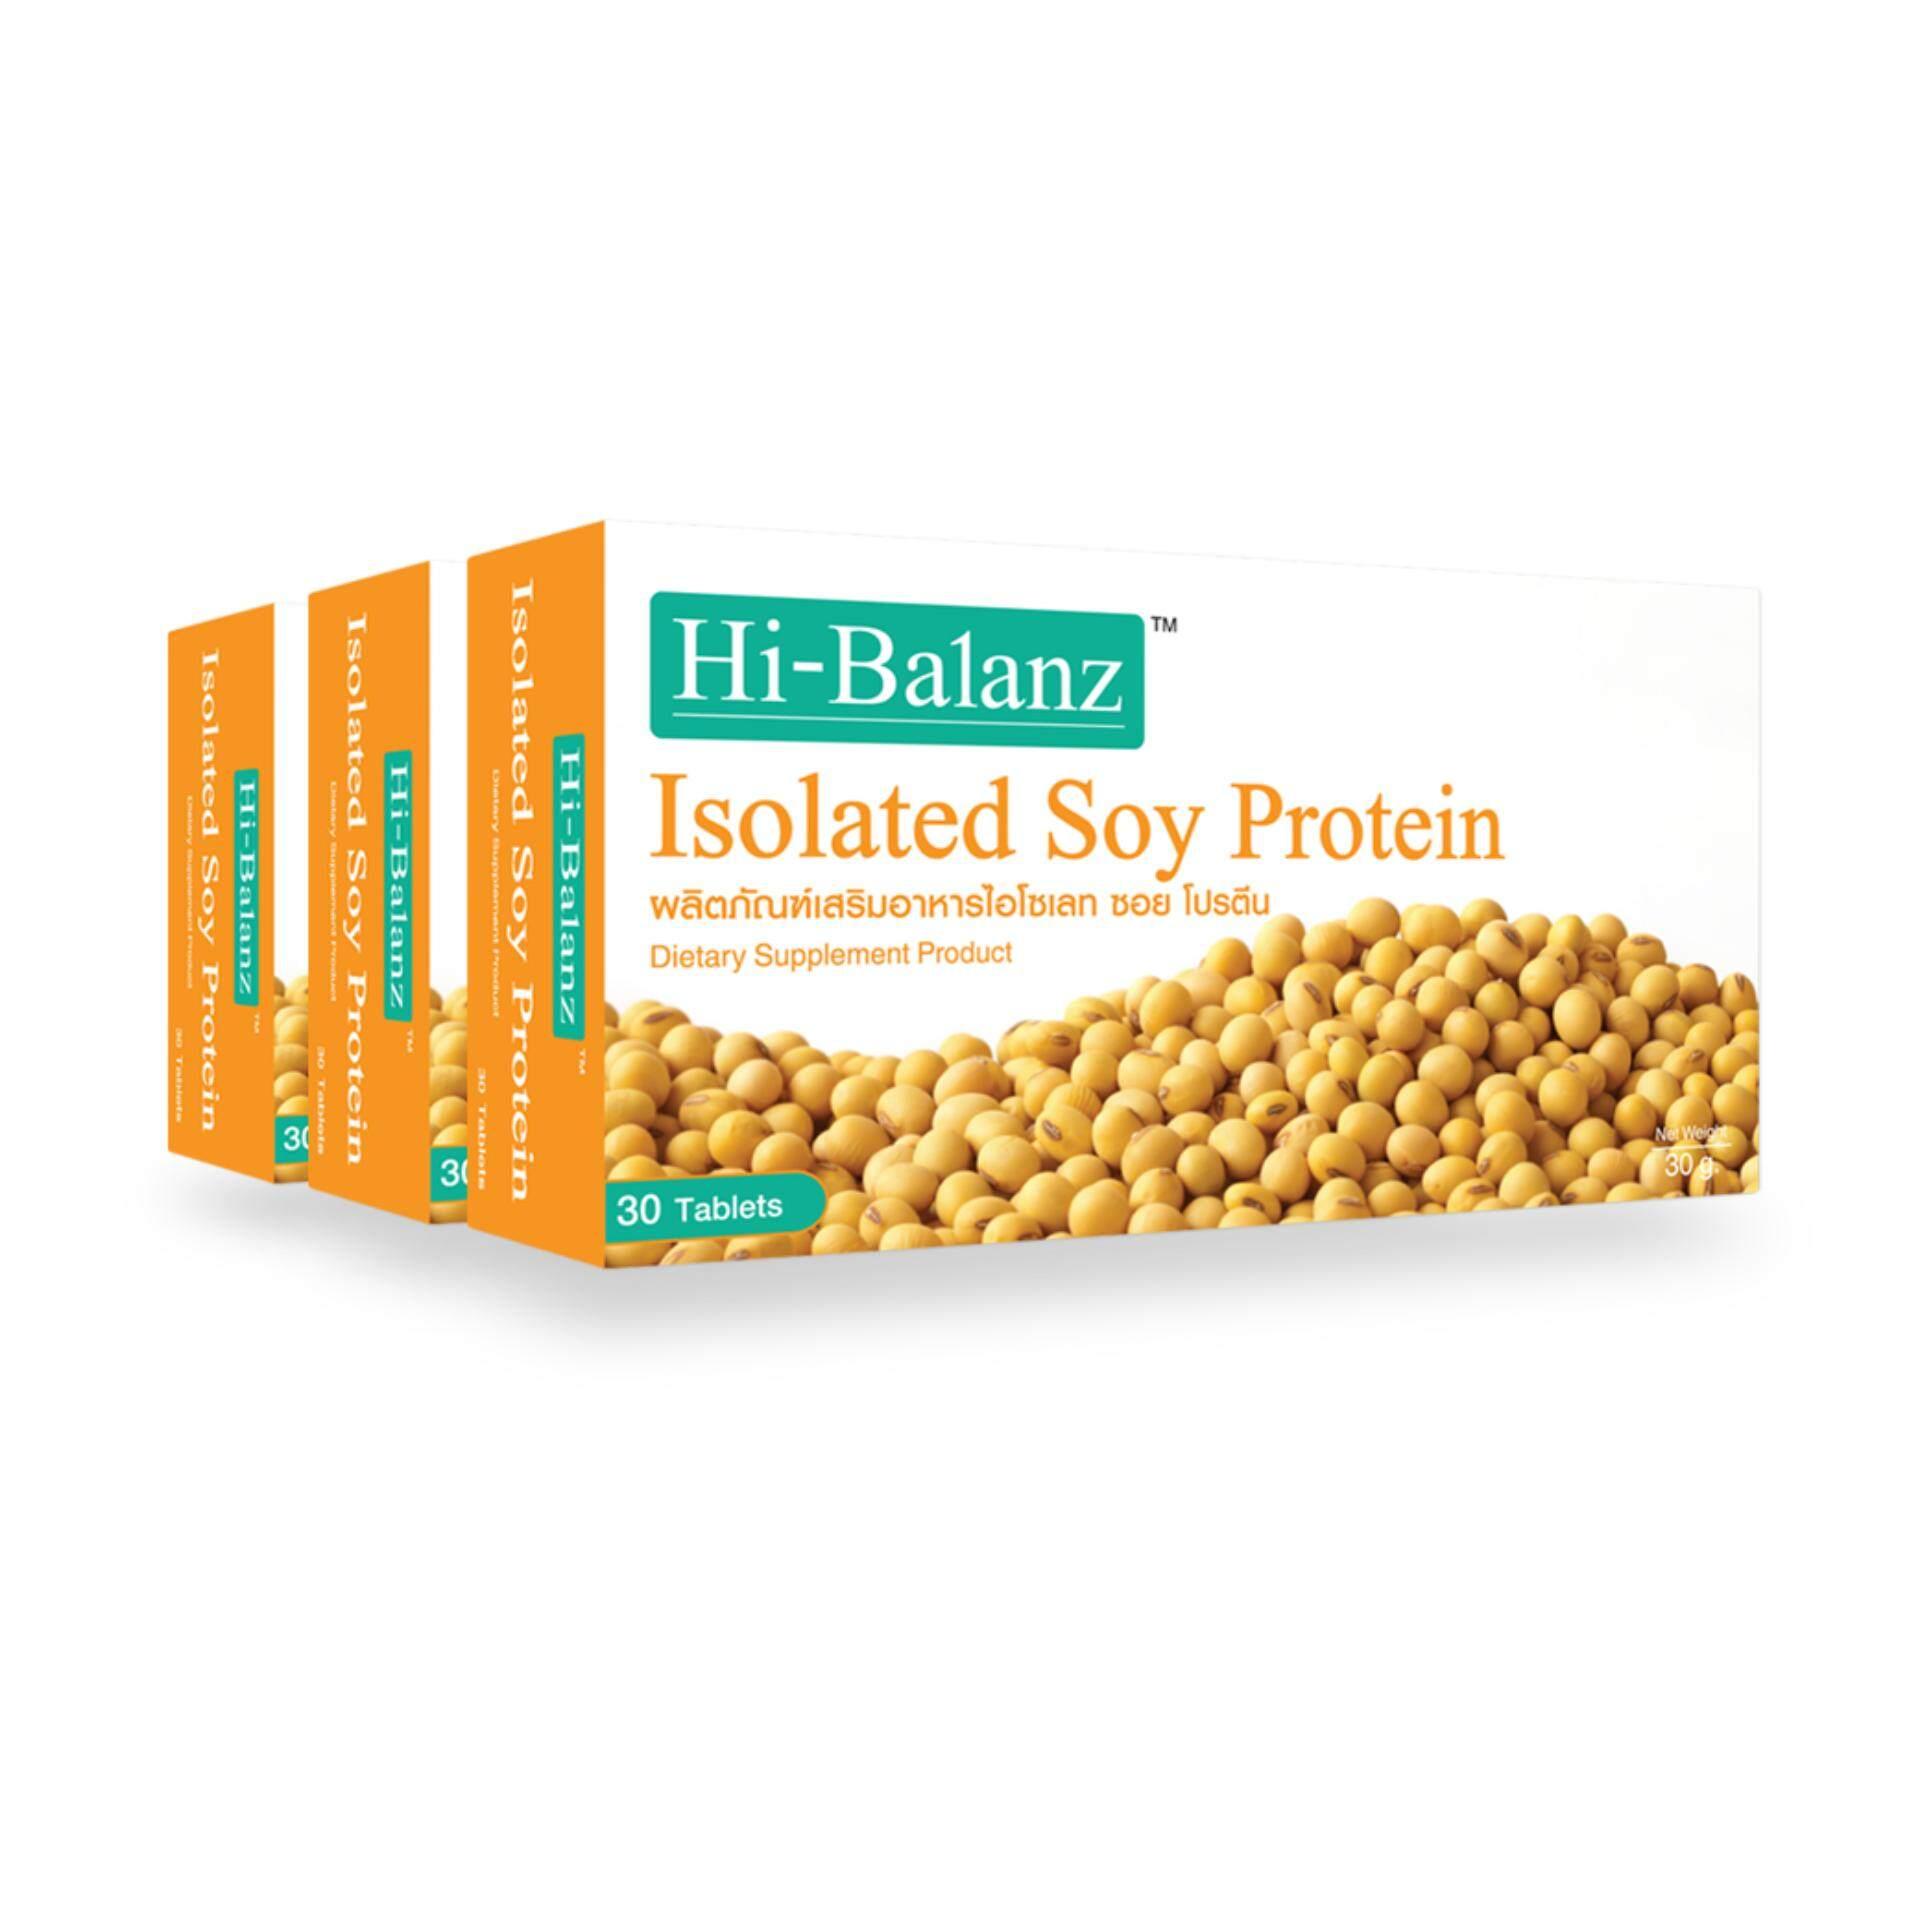 Hi-Balanz Isolated Soy Protein / ไฮบาลานซ์ สารสกัดจากถั่วเหลือง / เพิ่มฮอร์โมนเอสโตรเจน / แพ็ค 3.